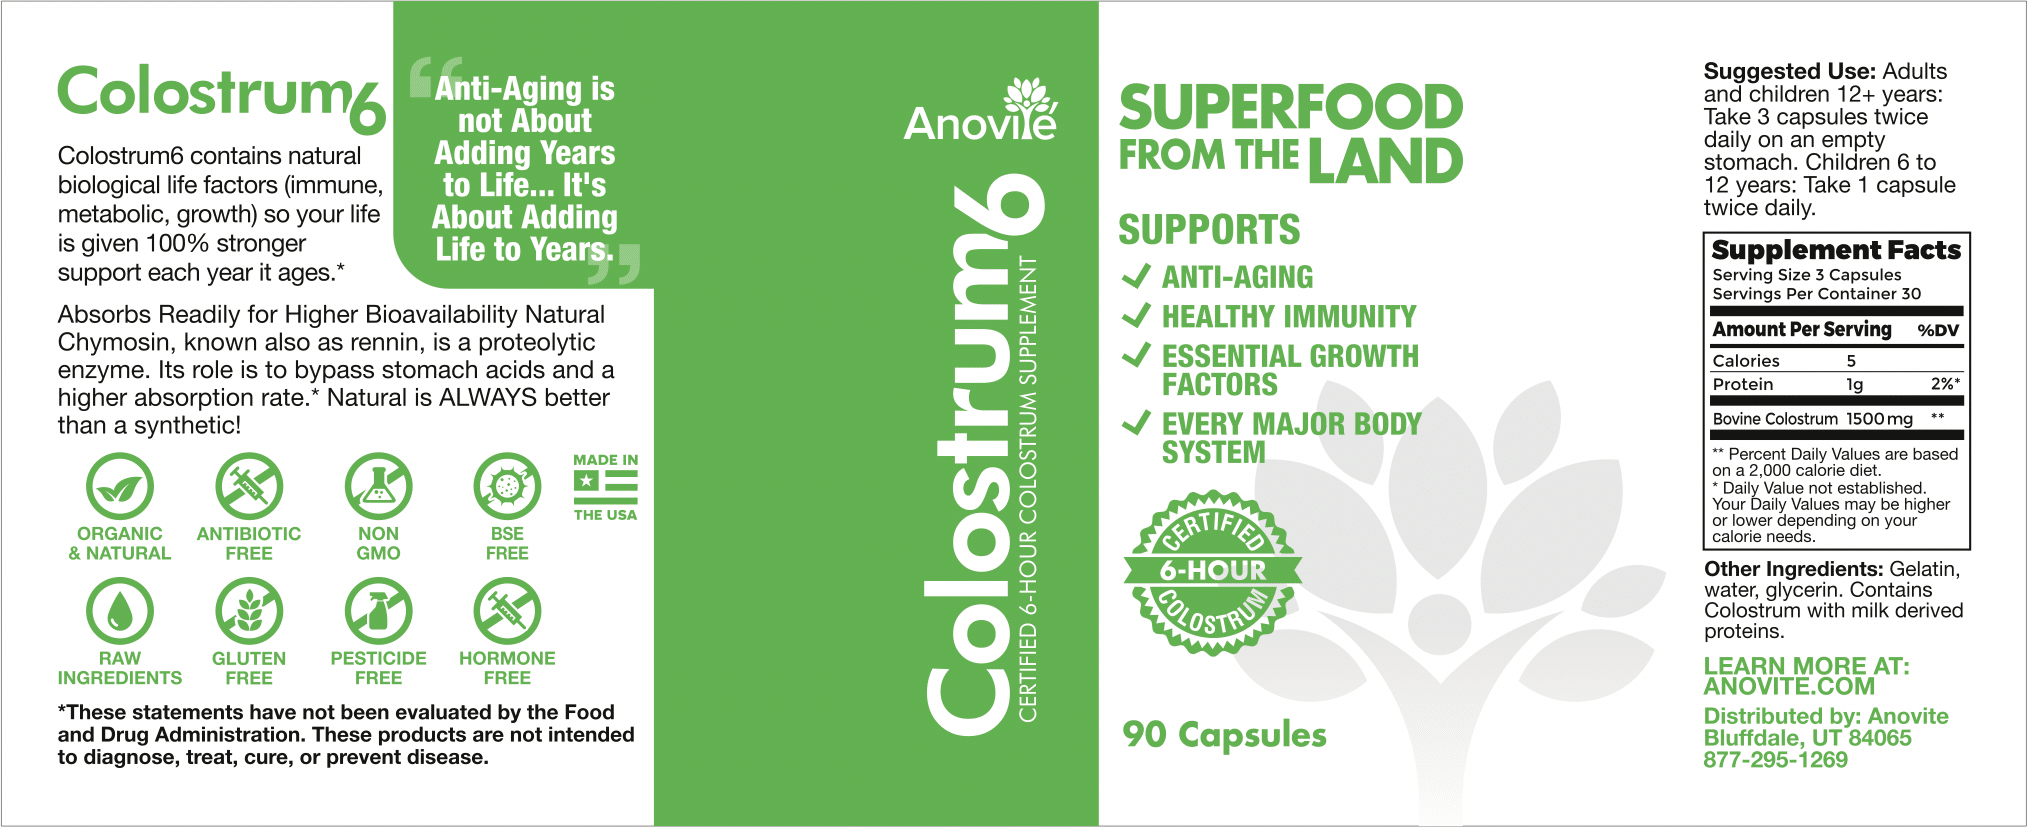 Anovite-Colostrum6-90Cap